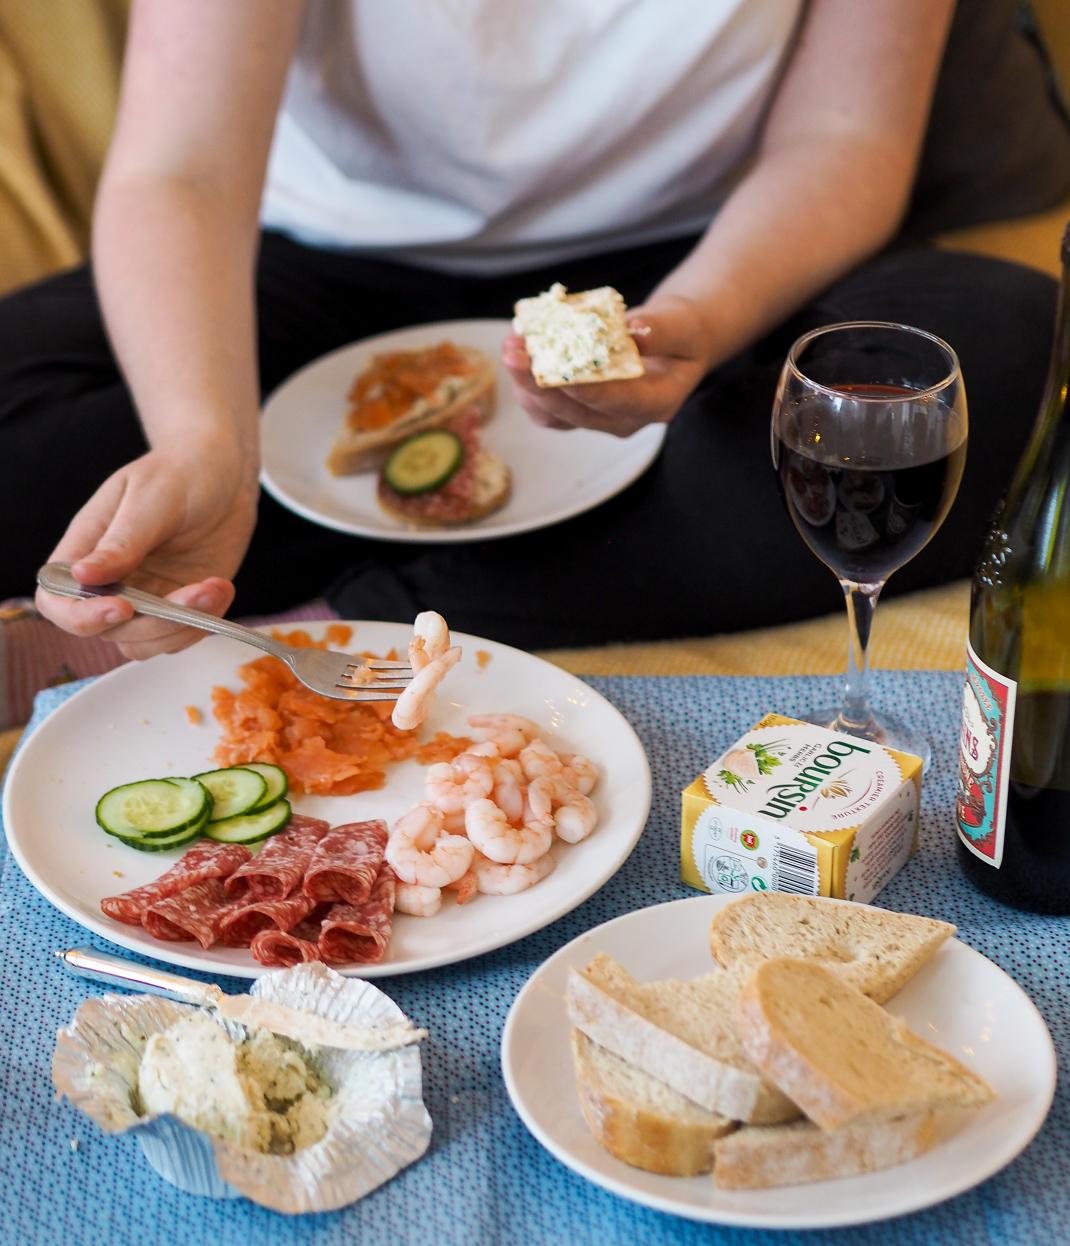 boursin and wine